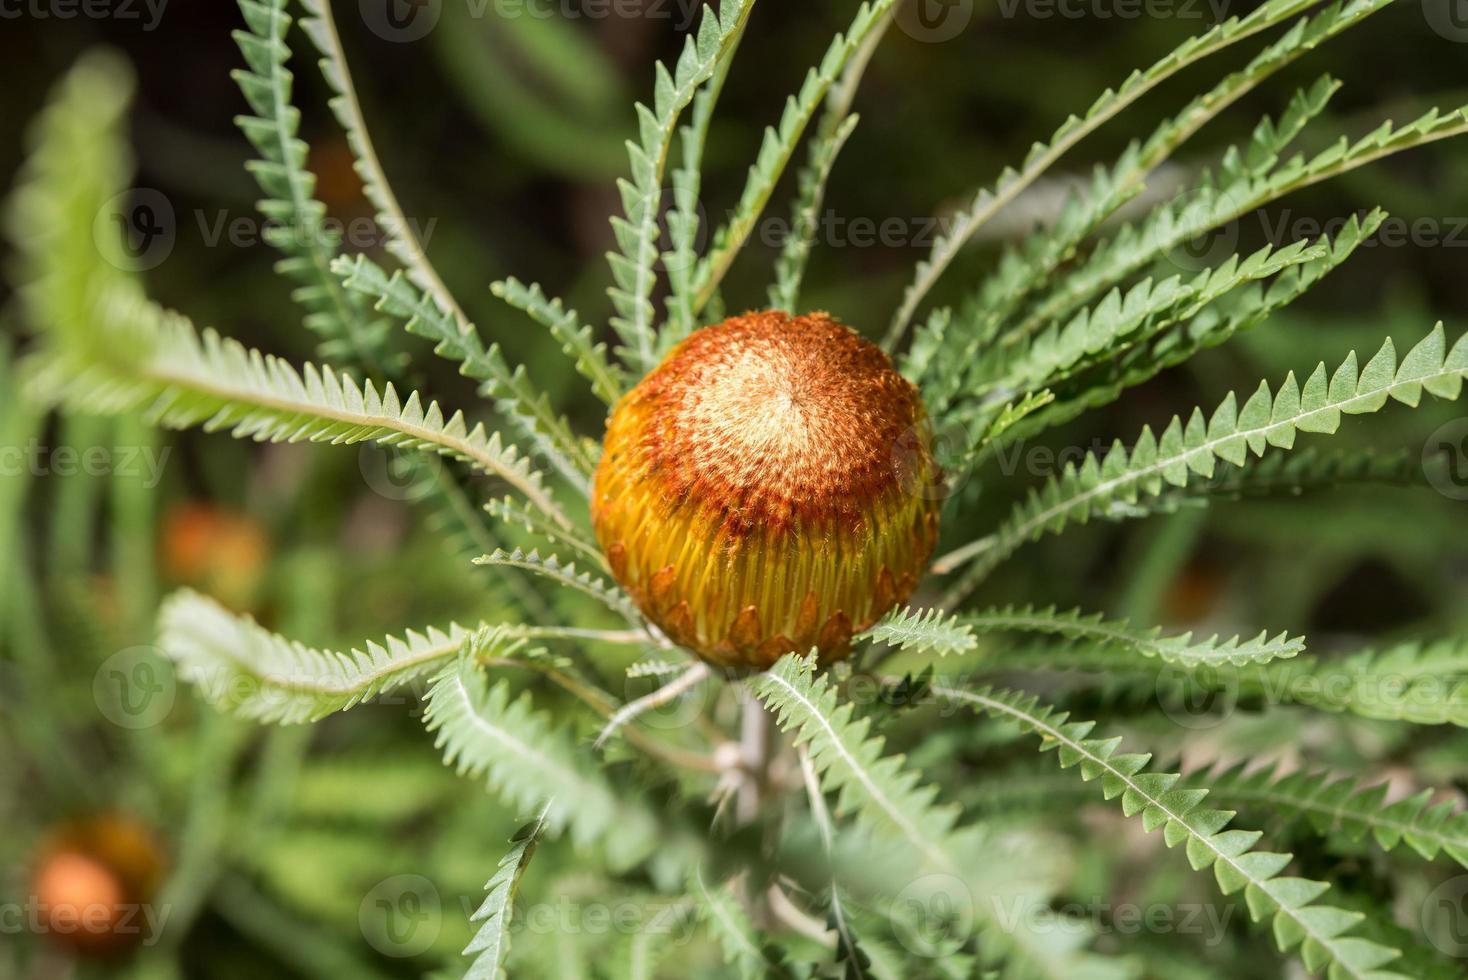 Australien Buschflora Blumen Detail Banksia Blume foto